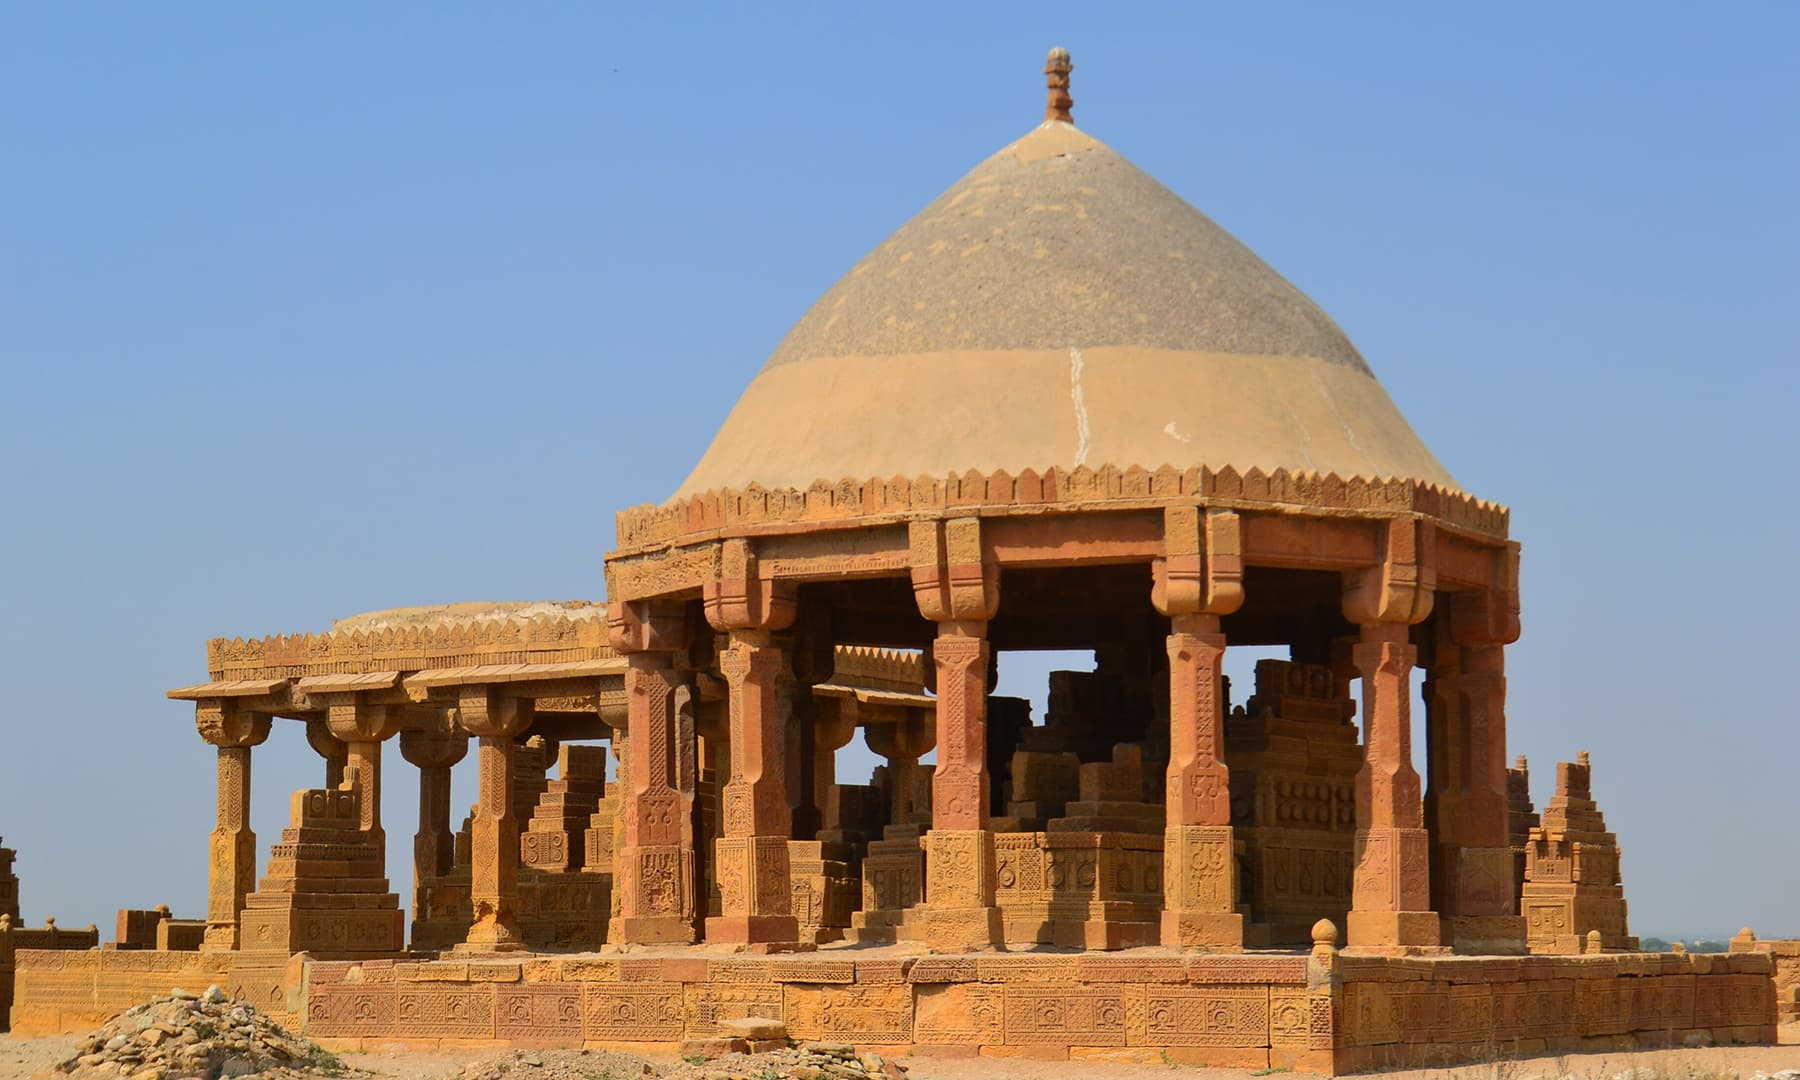 چوکنڈی قبرستان: شہرِ خموشاں بھی اور دیارِ فن بھی